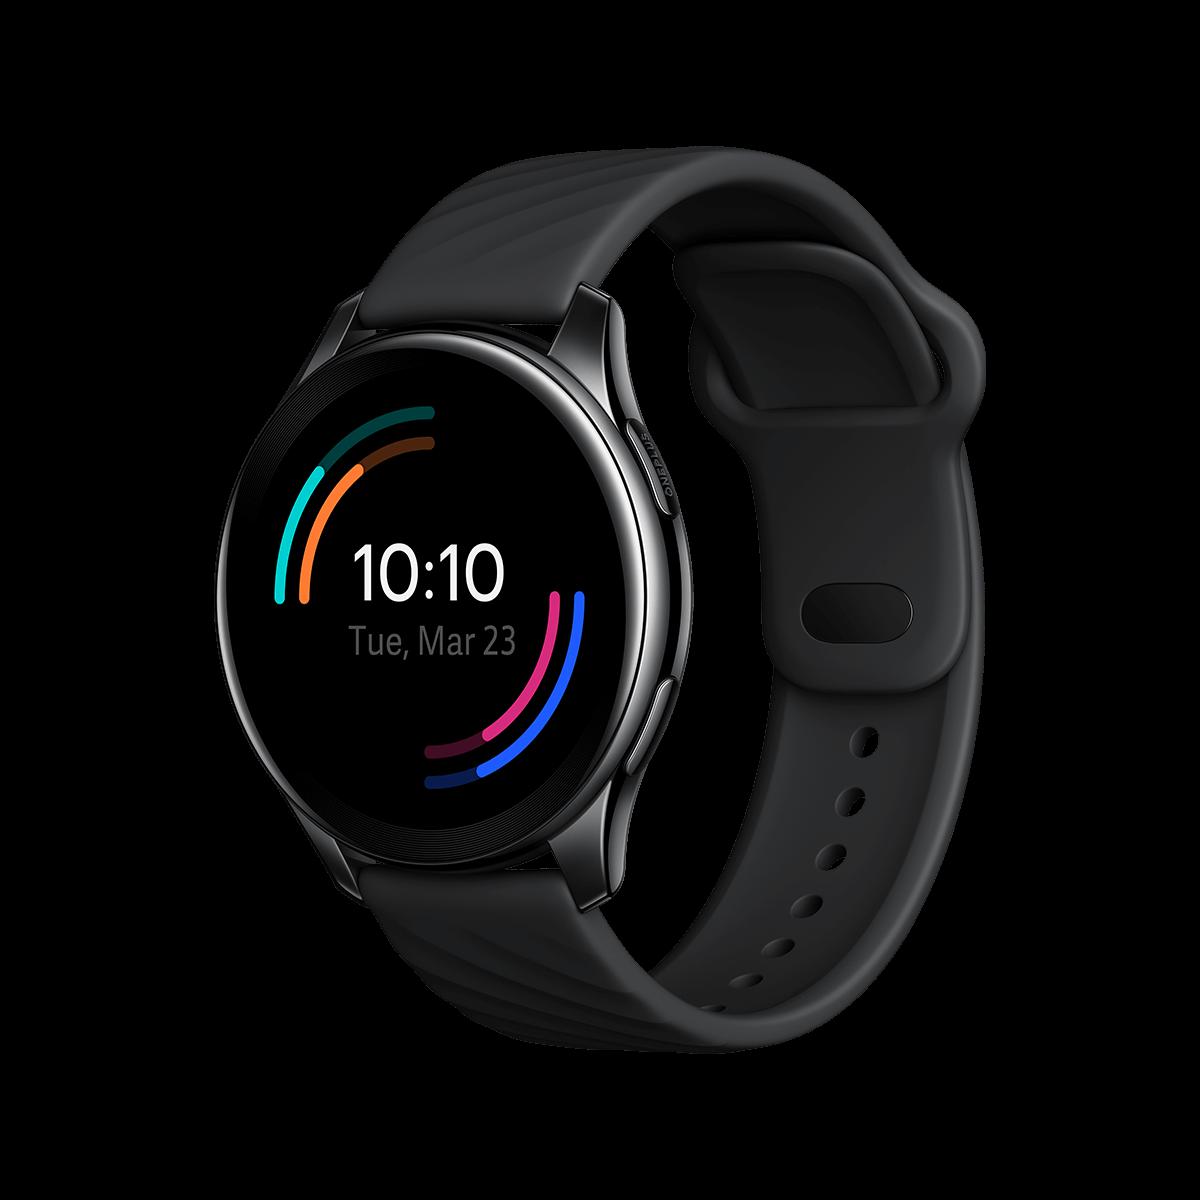 OnePlus Watch (Midnight Black)